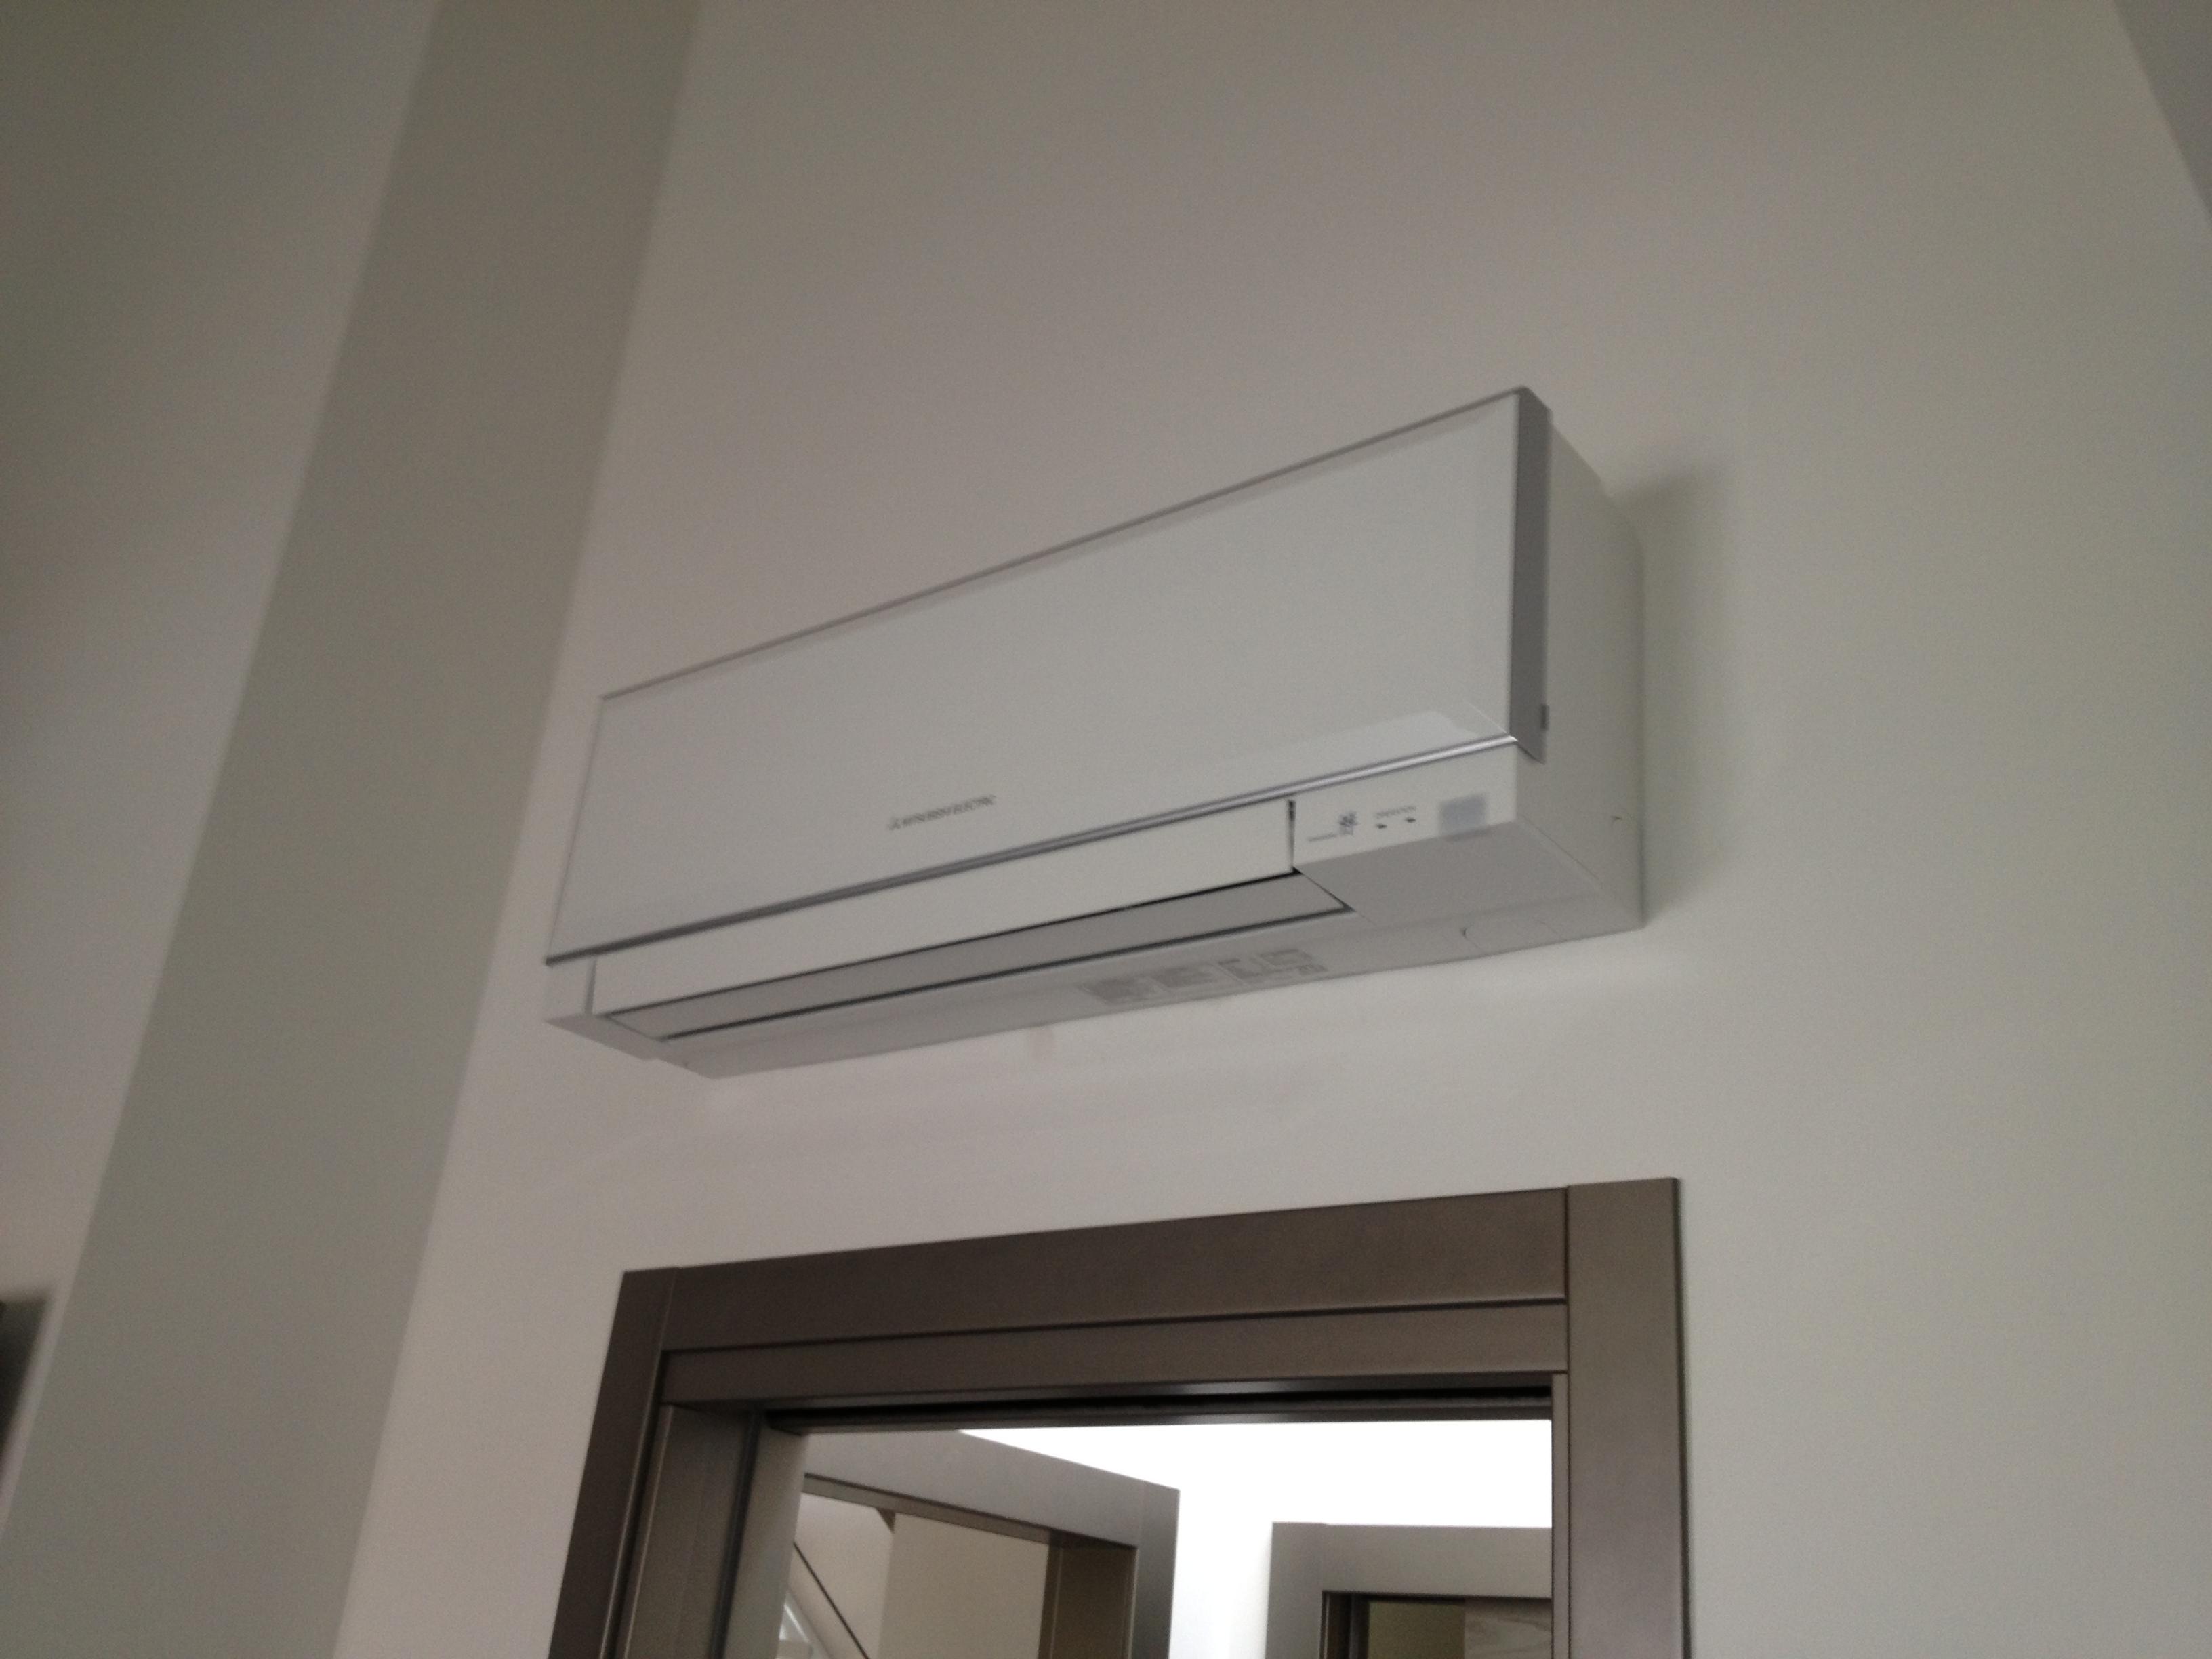 installazione climatizzatori bol